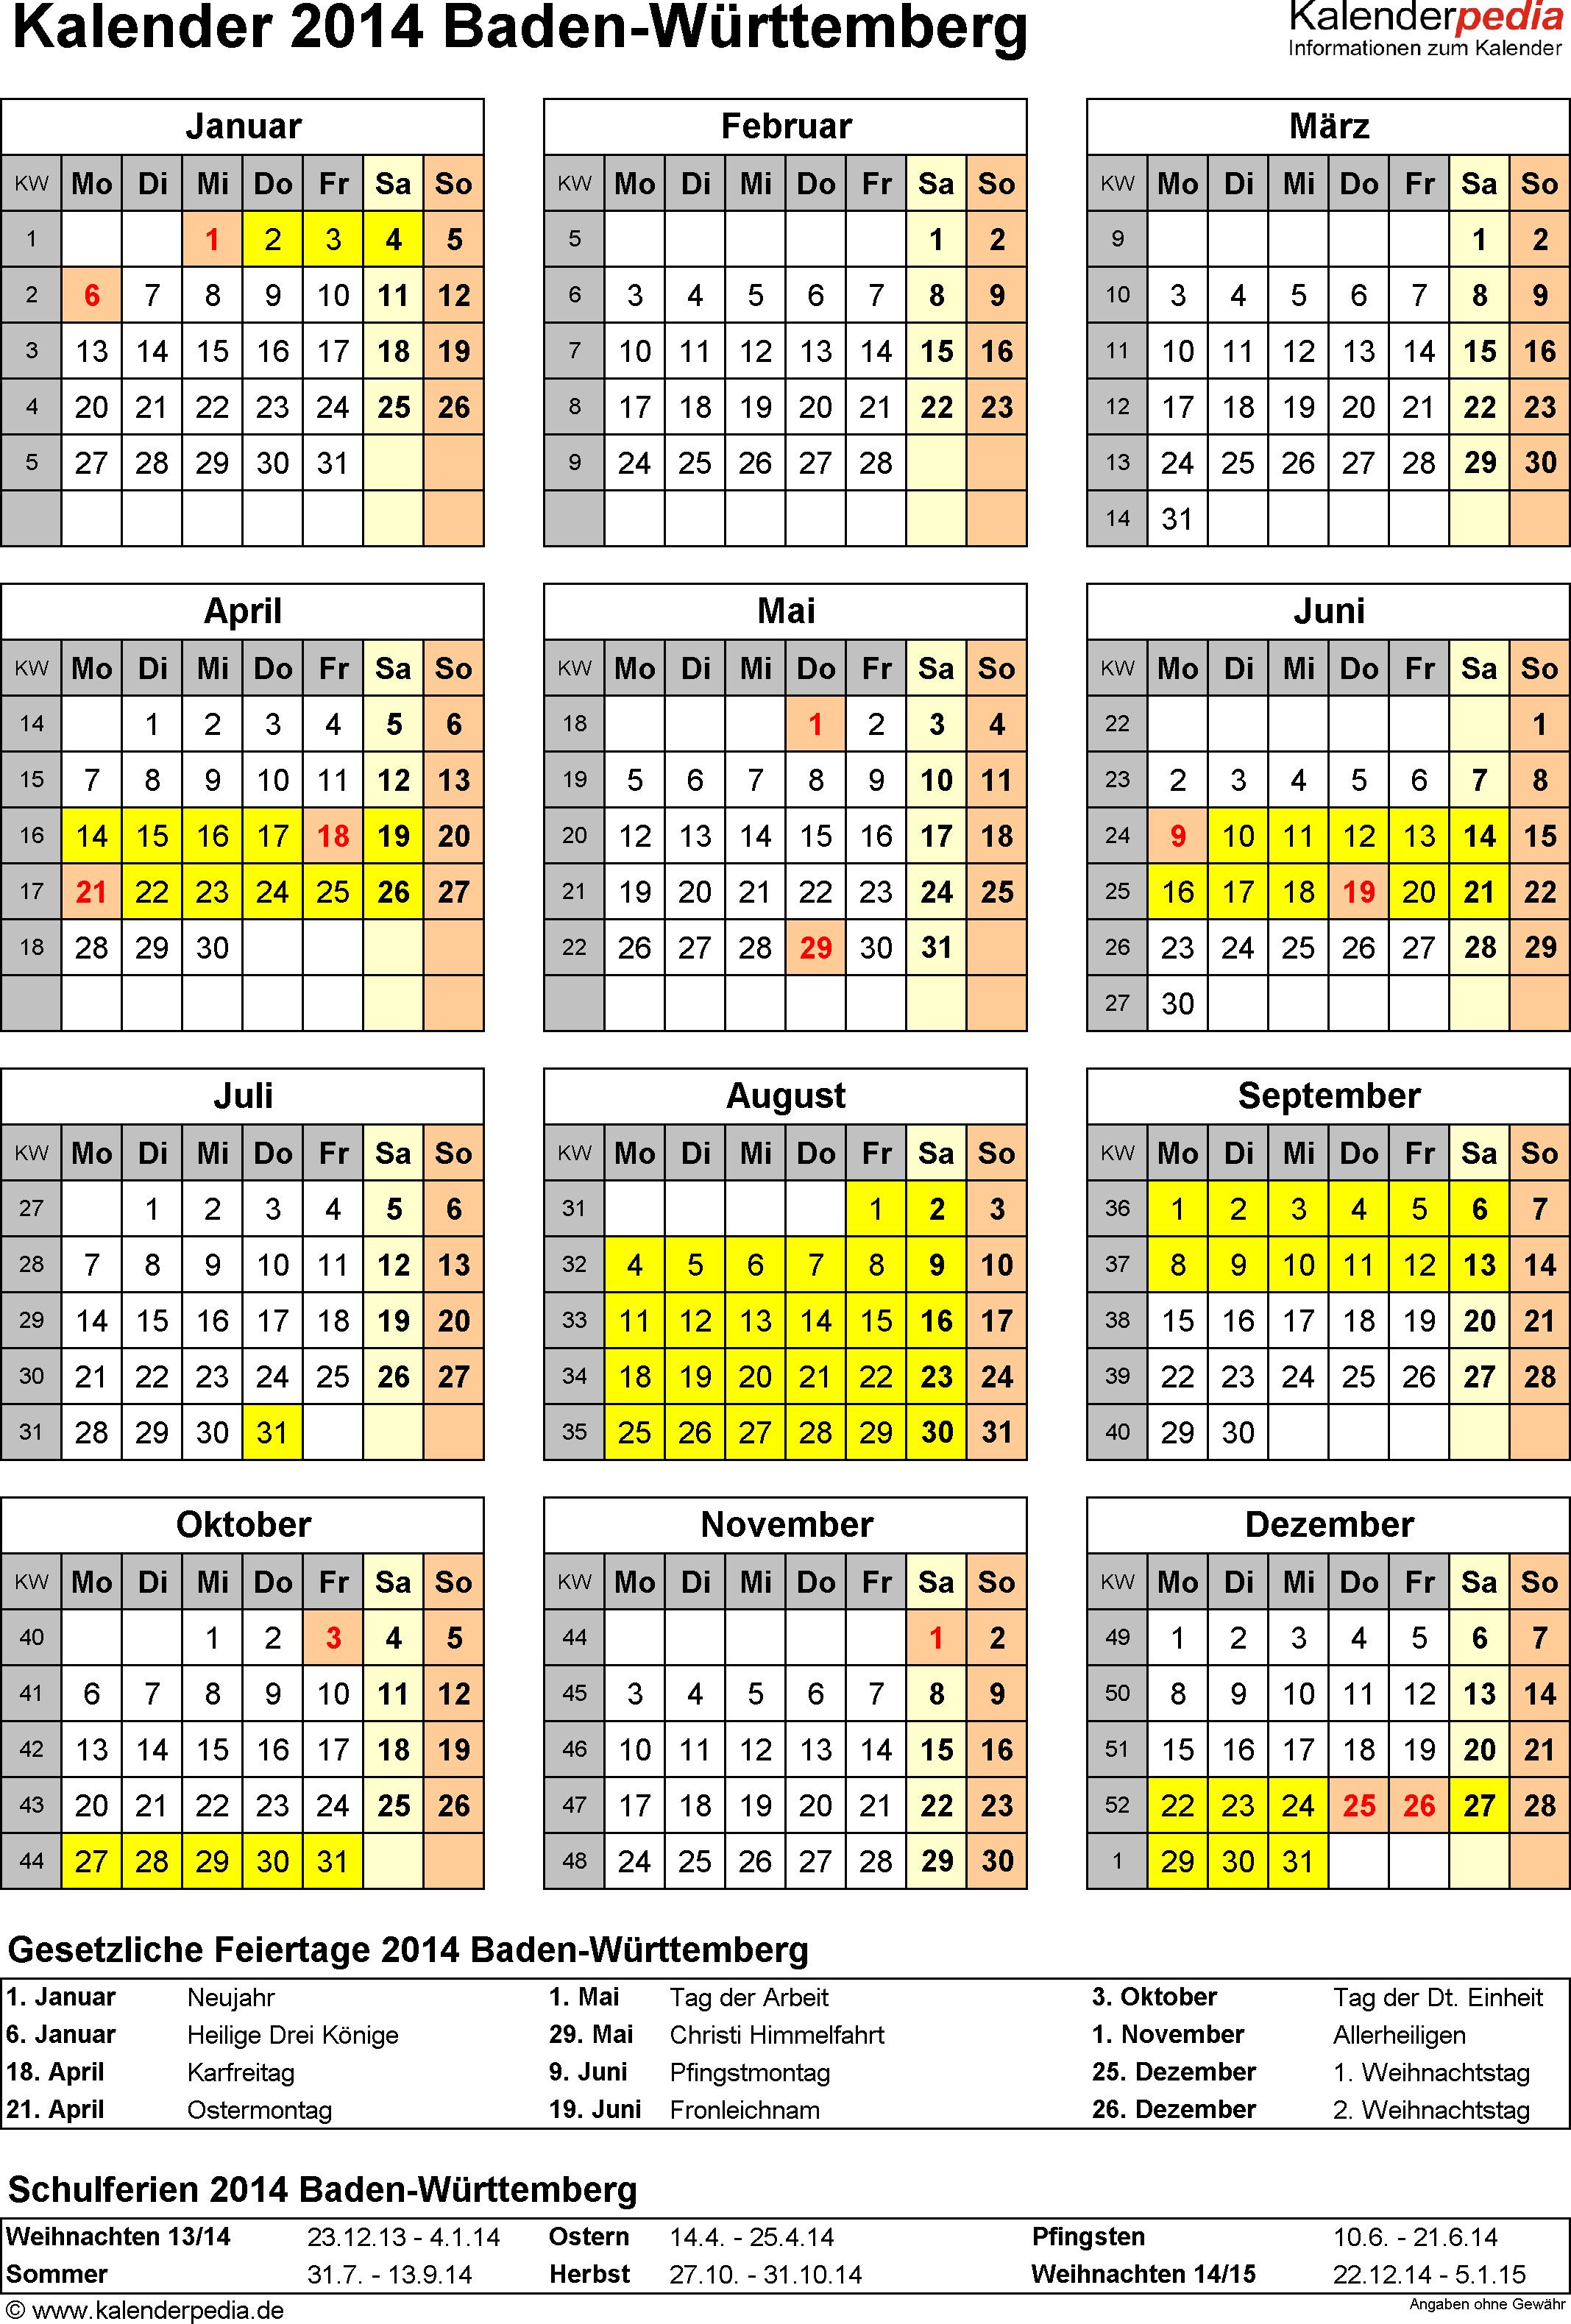 Vorlage 4: Kalender Baden-Württemberg 2014 als PDF-Vorlage (Hochformat)